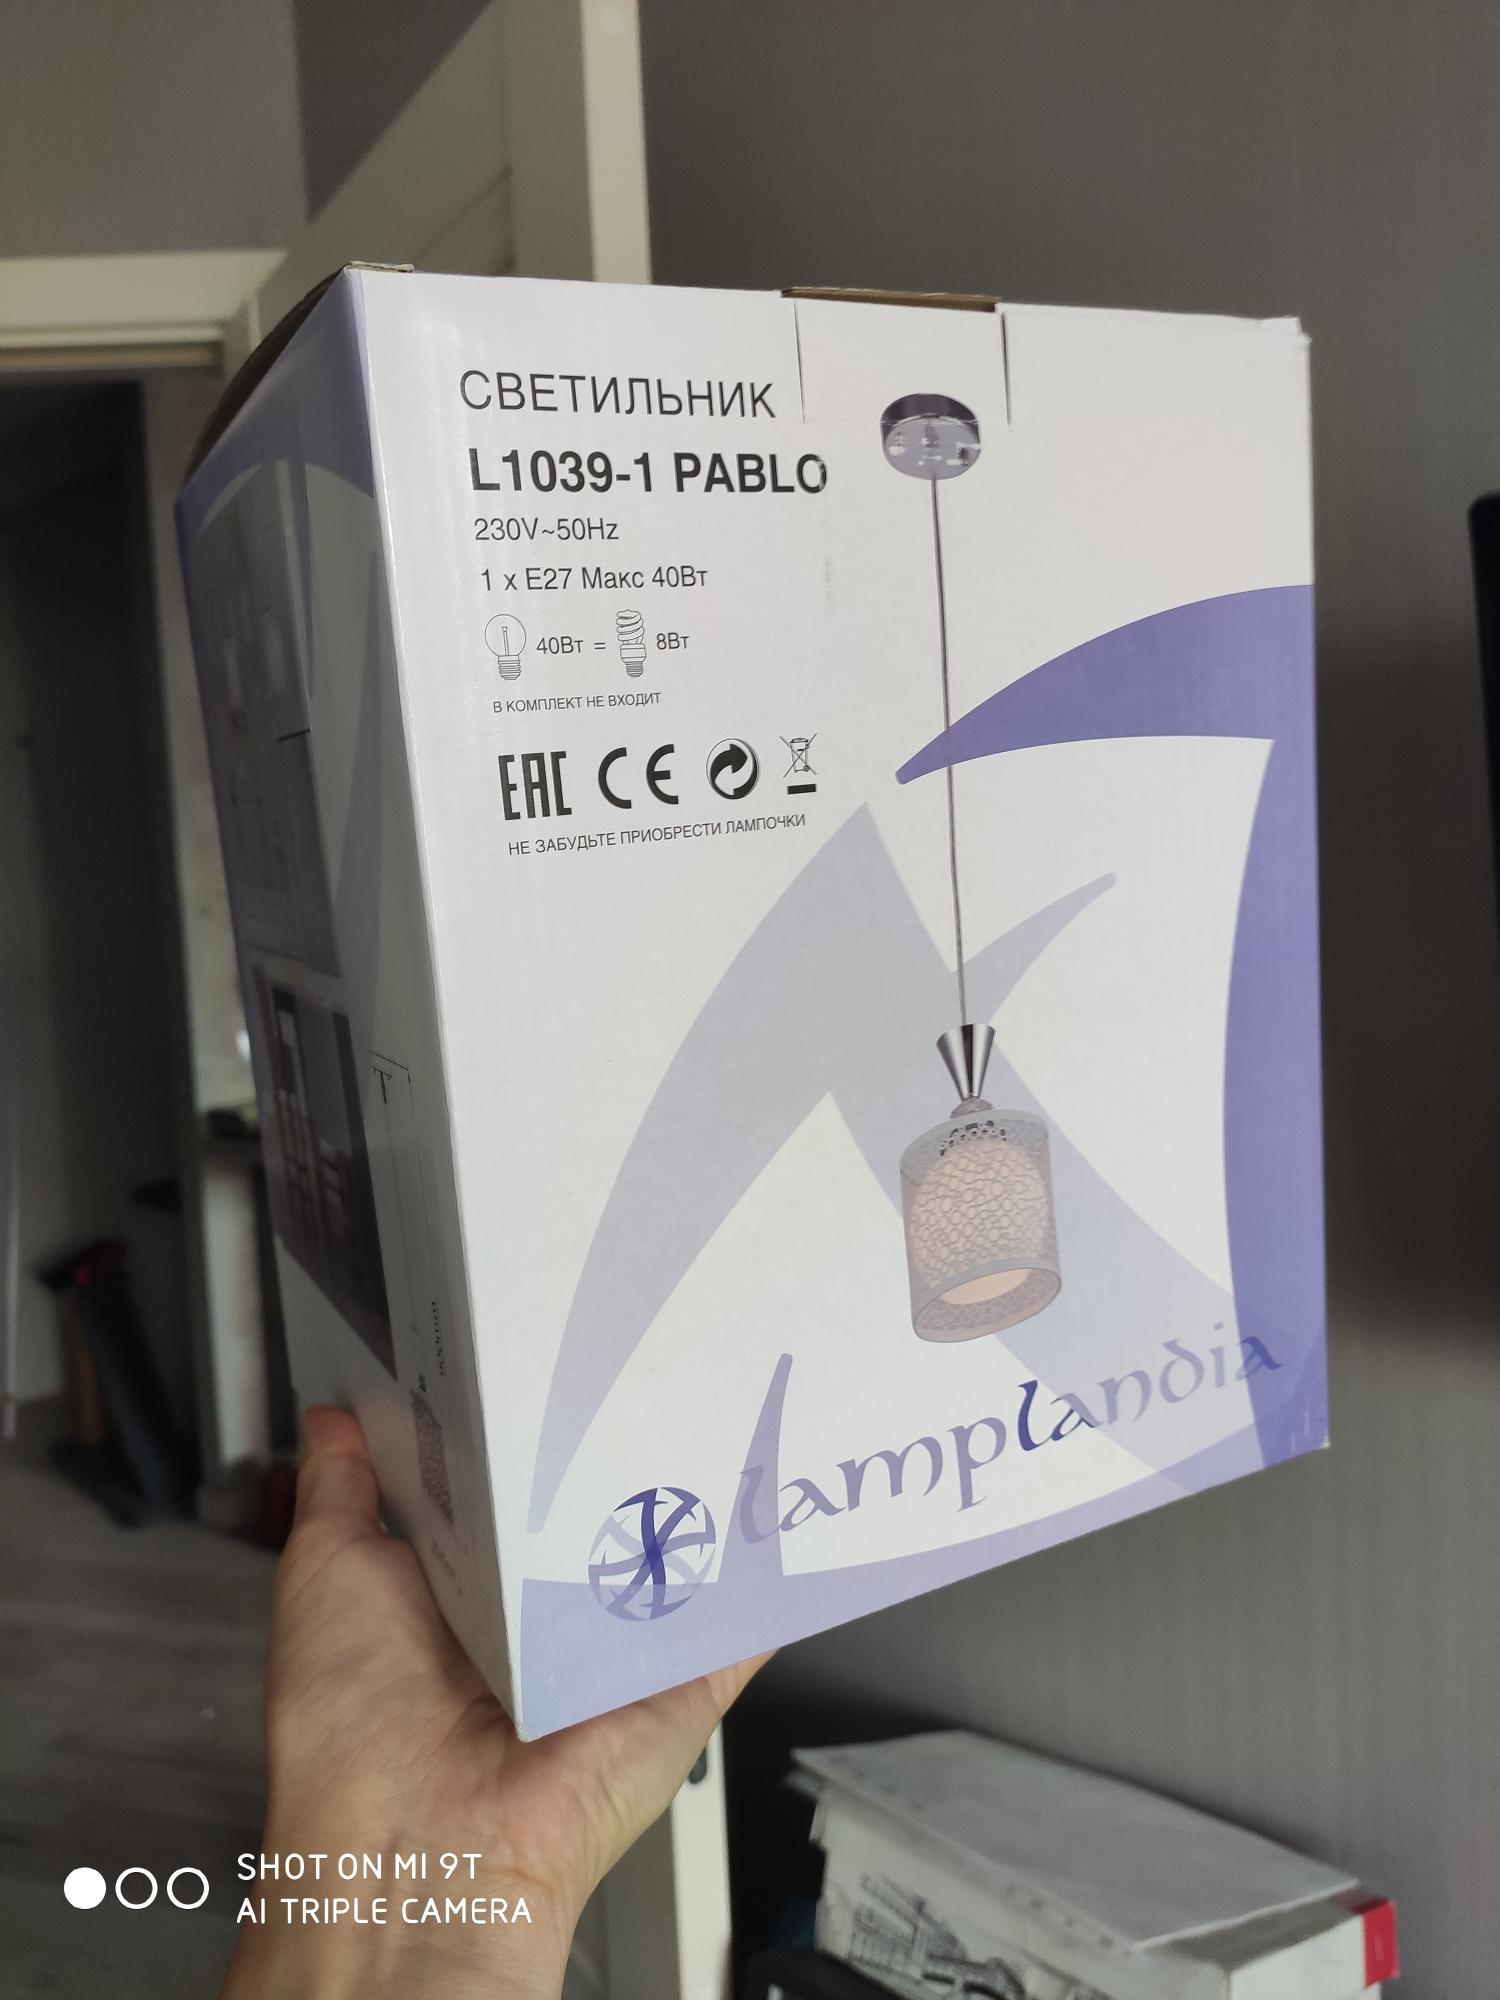 Люстра, светильник L1039-1 Pablo купить 1